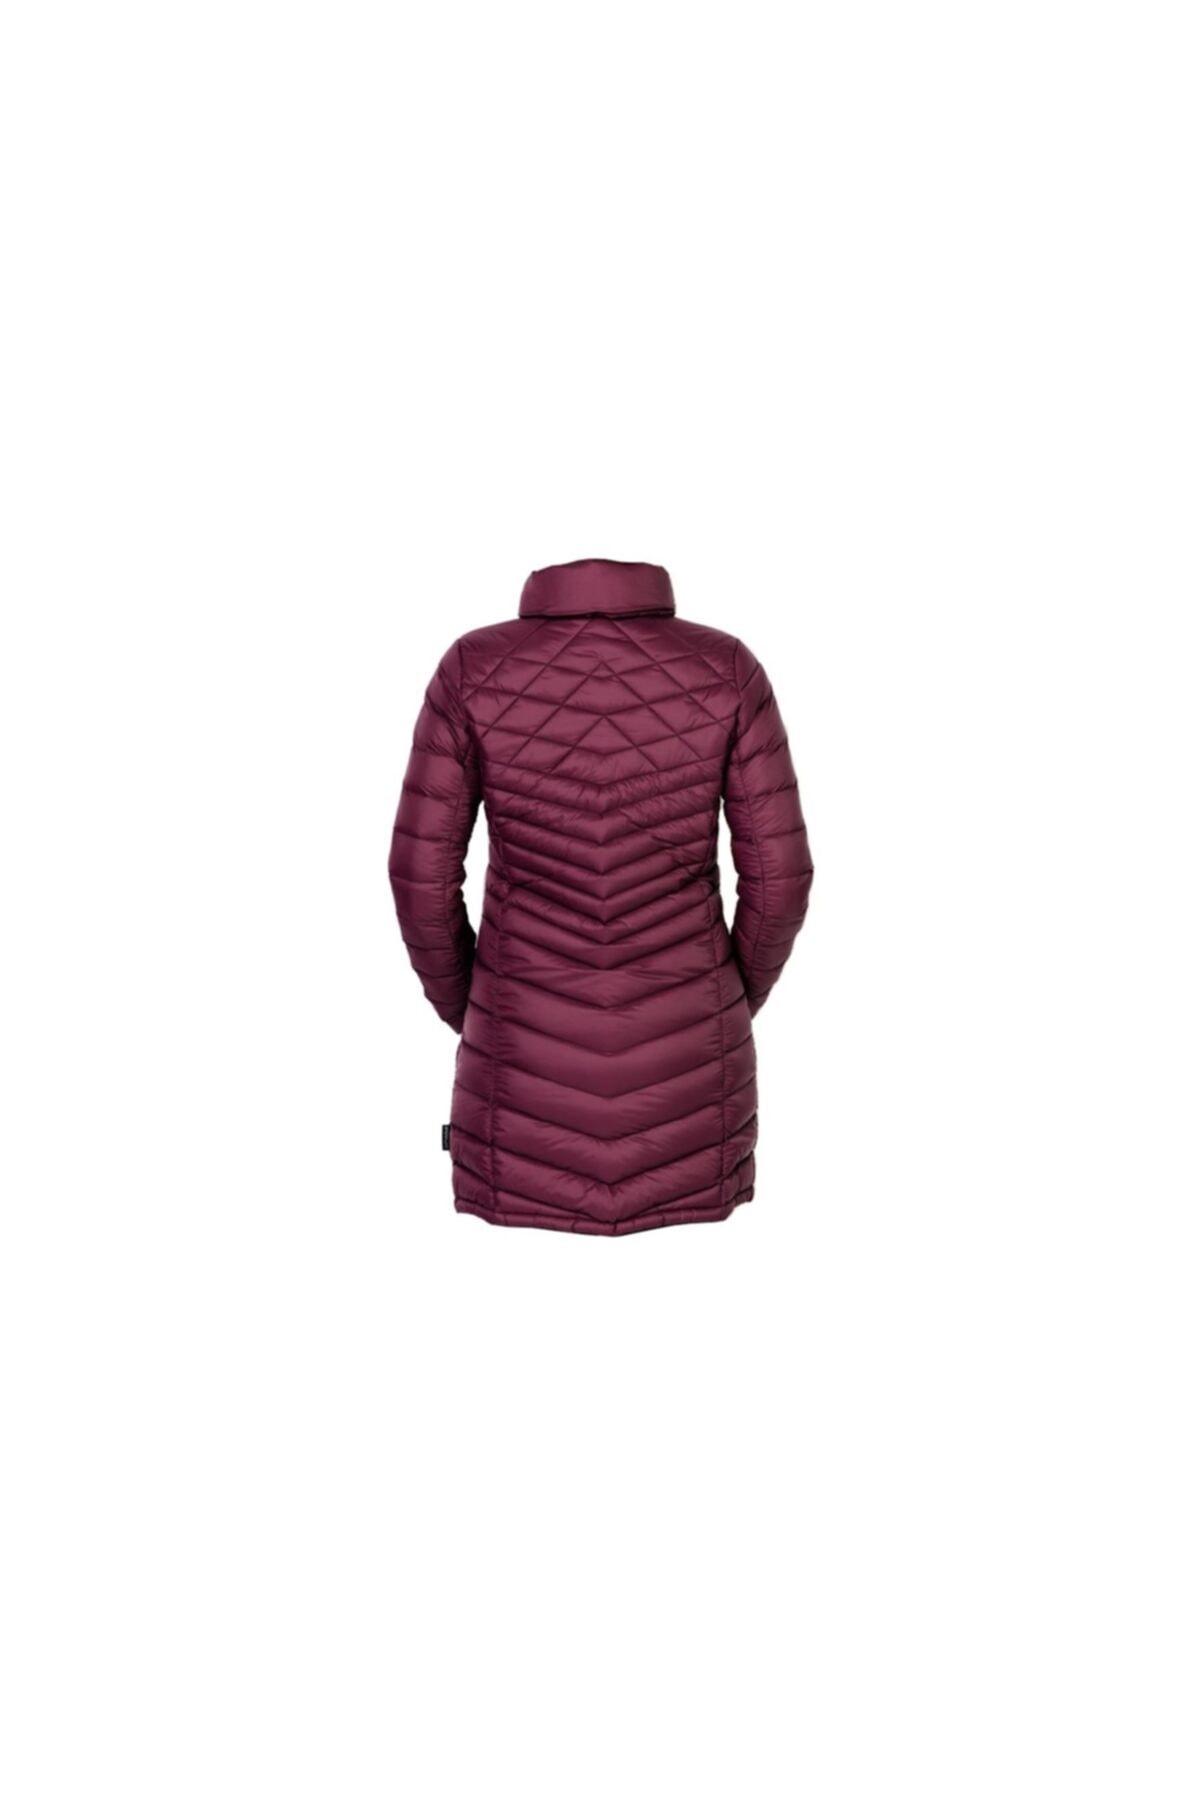 Jack Wolfskin Richmond Coat Outdoor Kadın Mont 1203341-2405 2